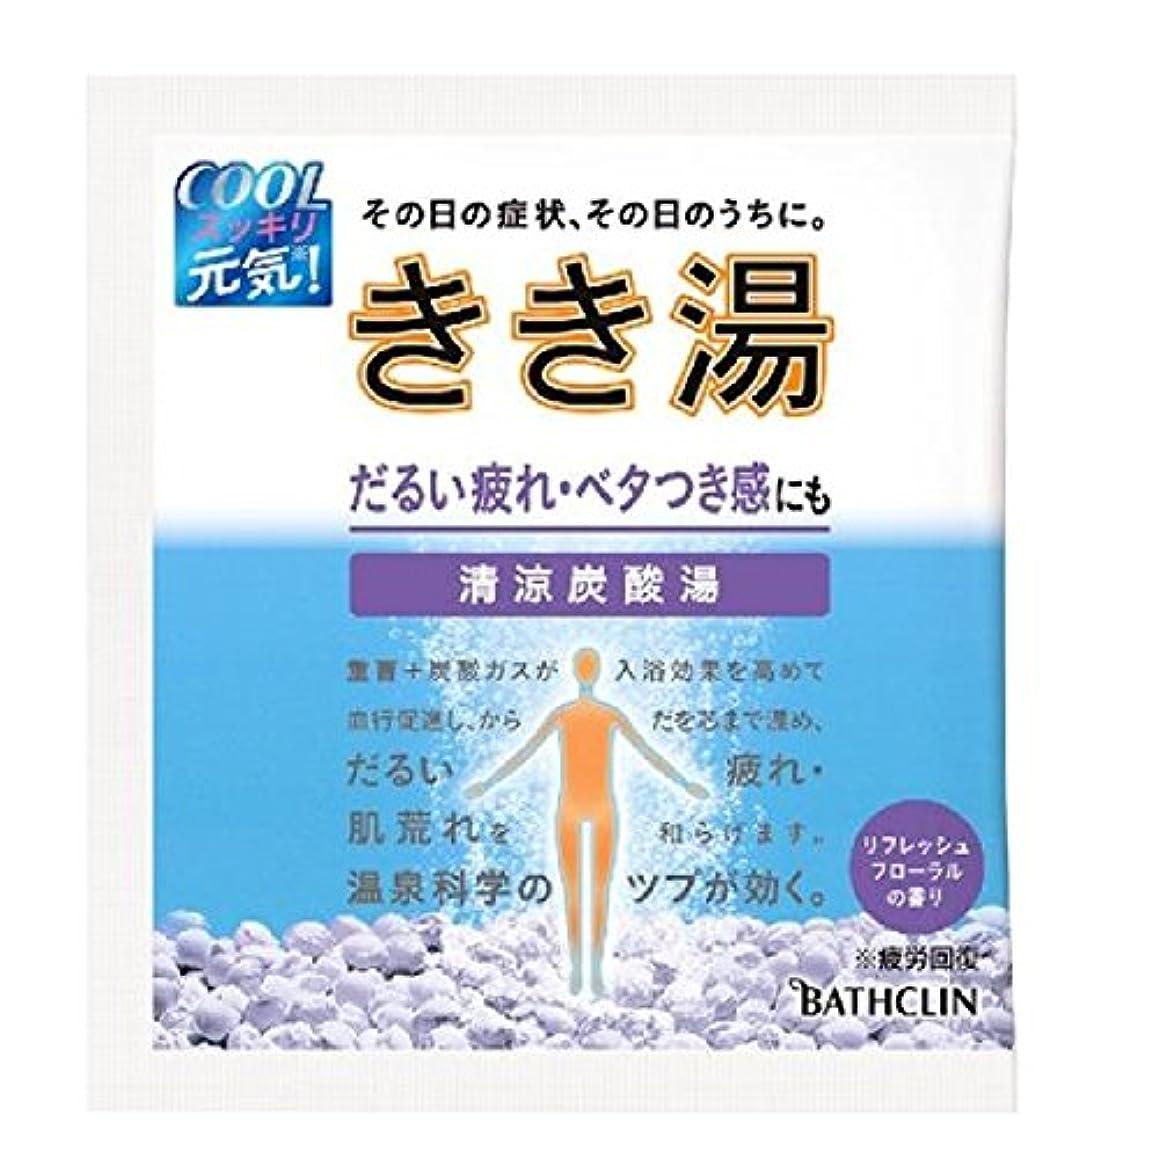 インデックス無法者威信【バスクリン】 きき湯 清涼炭酸湯 リフレッシュフローラルの香り 分包 30g (医薬部外品)